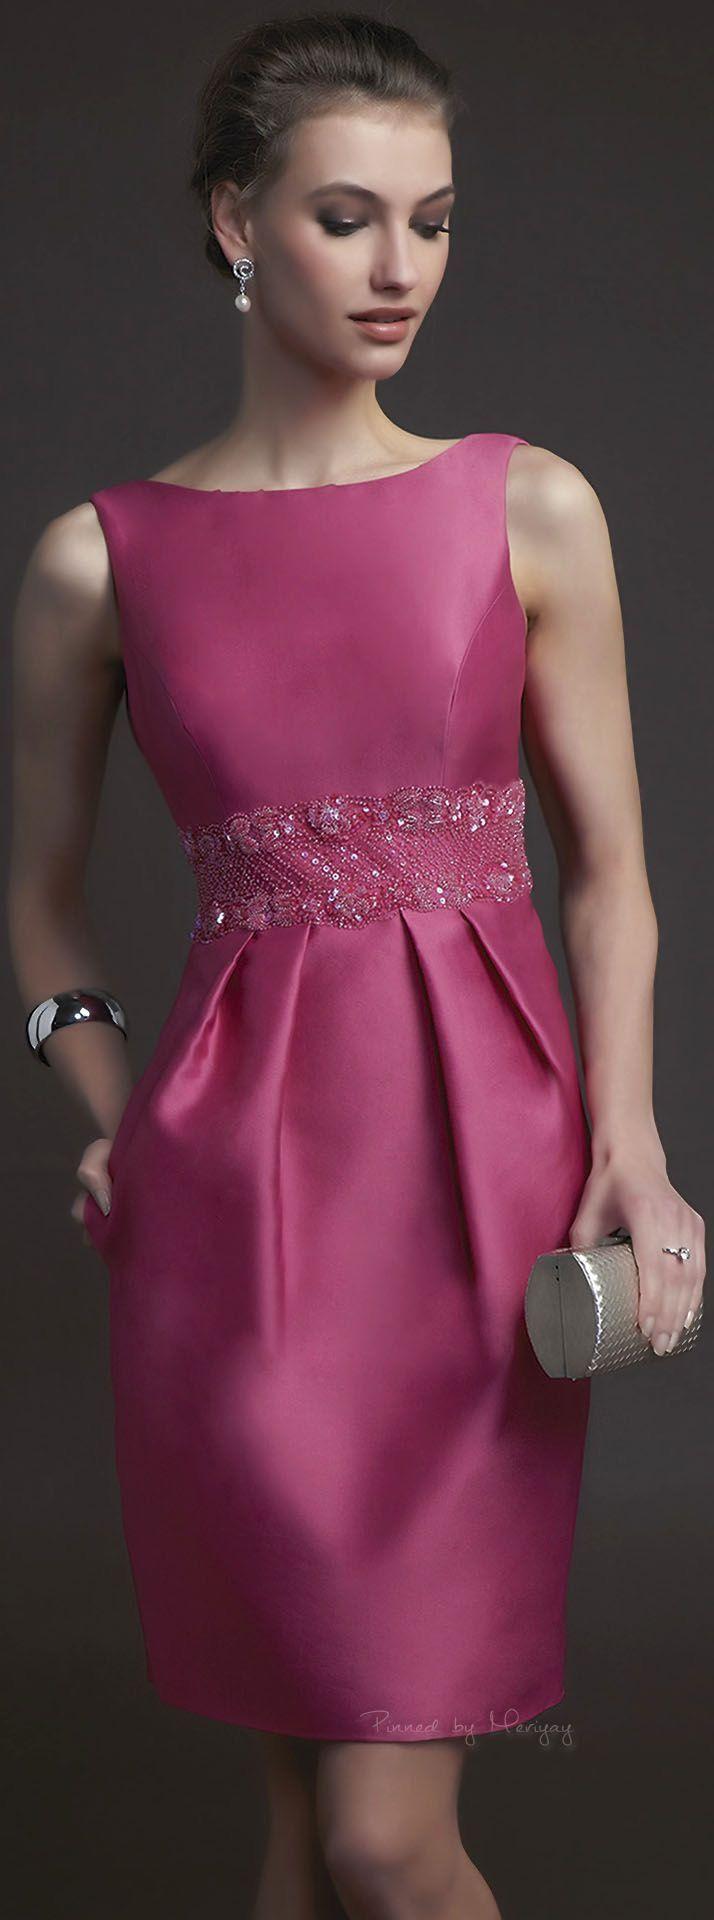 Mejores 204 imágenes de Damas en Pinterest | Falda del vestido, Boda ...